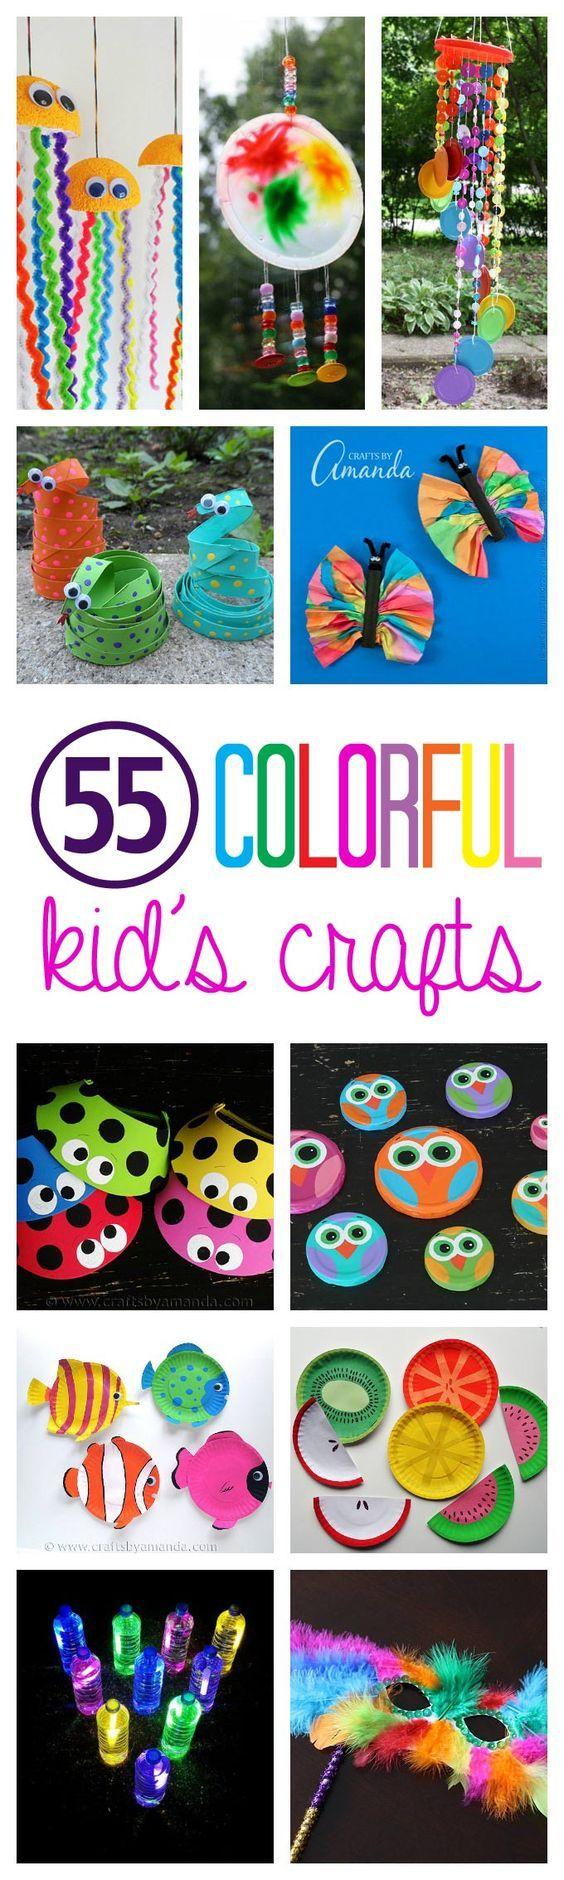 Über 55 bunter Bastelartikel für Kinder: Mache süße Monster aus recycelten …   – # creativity #